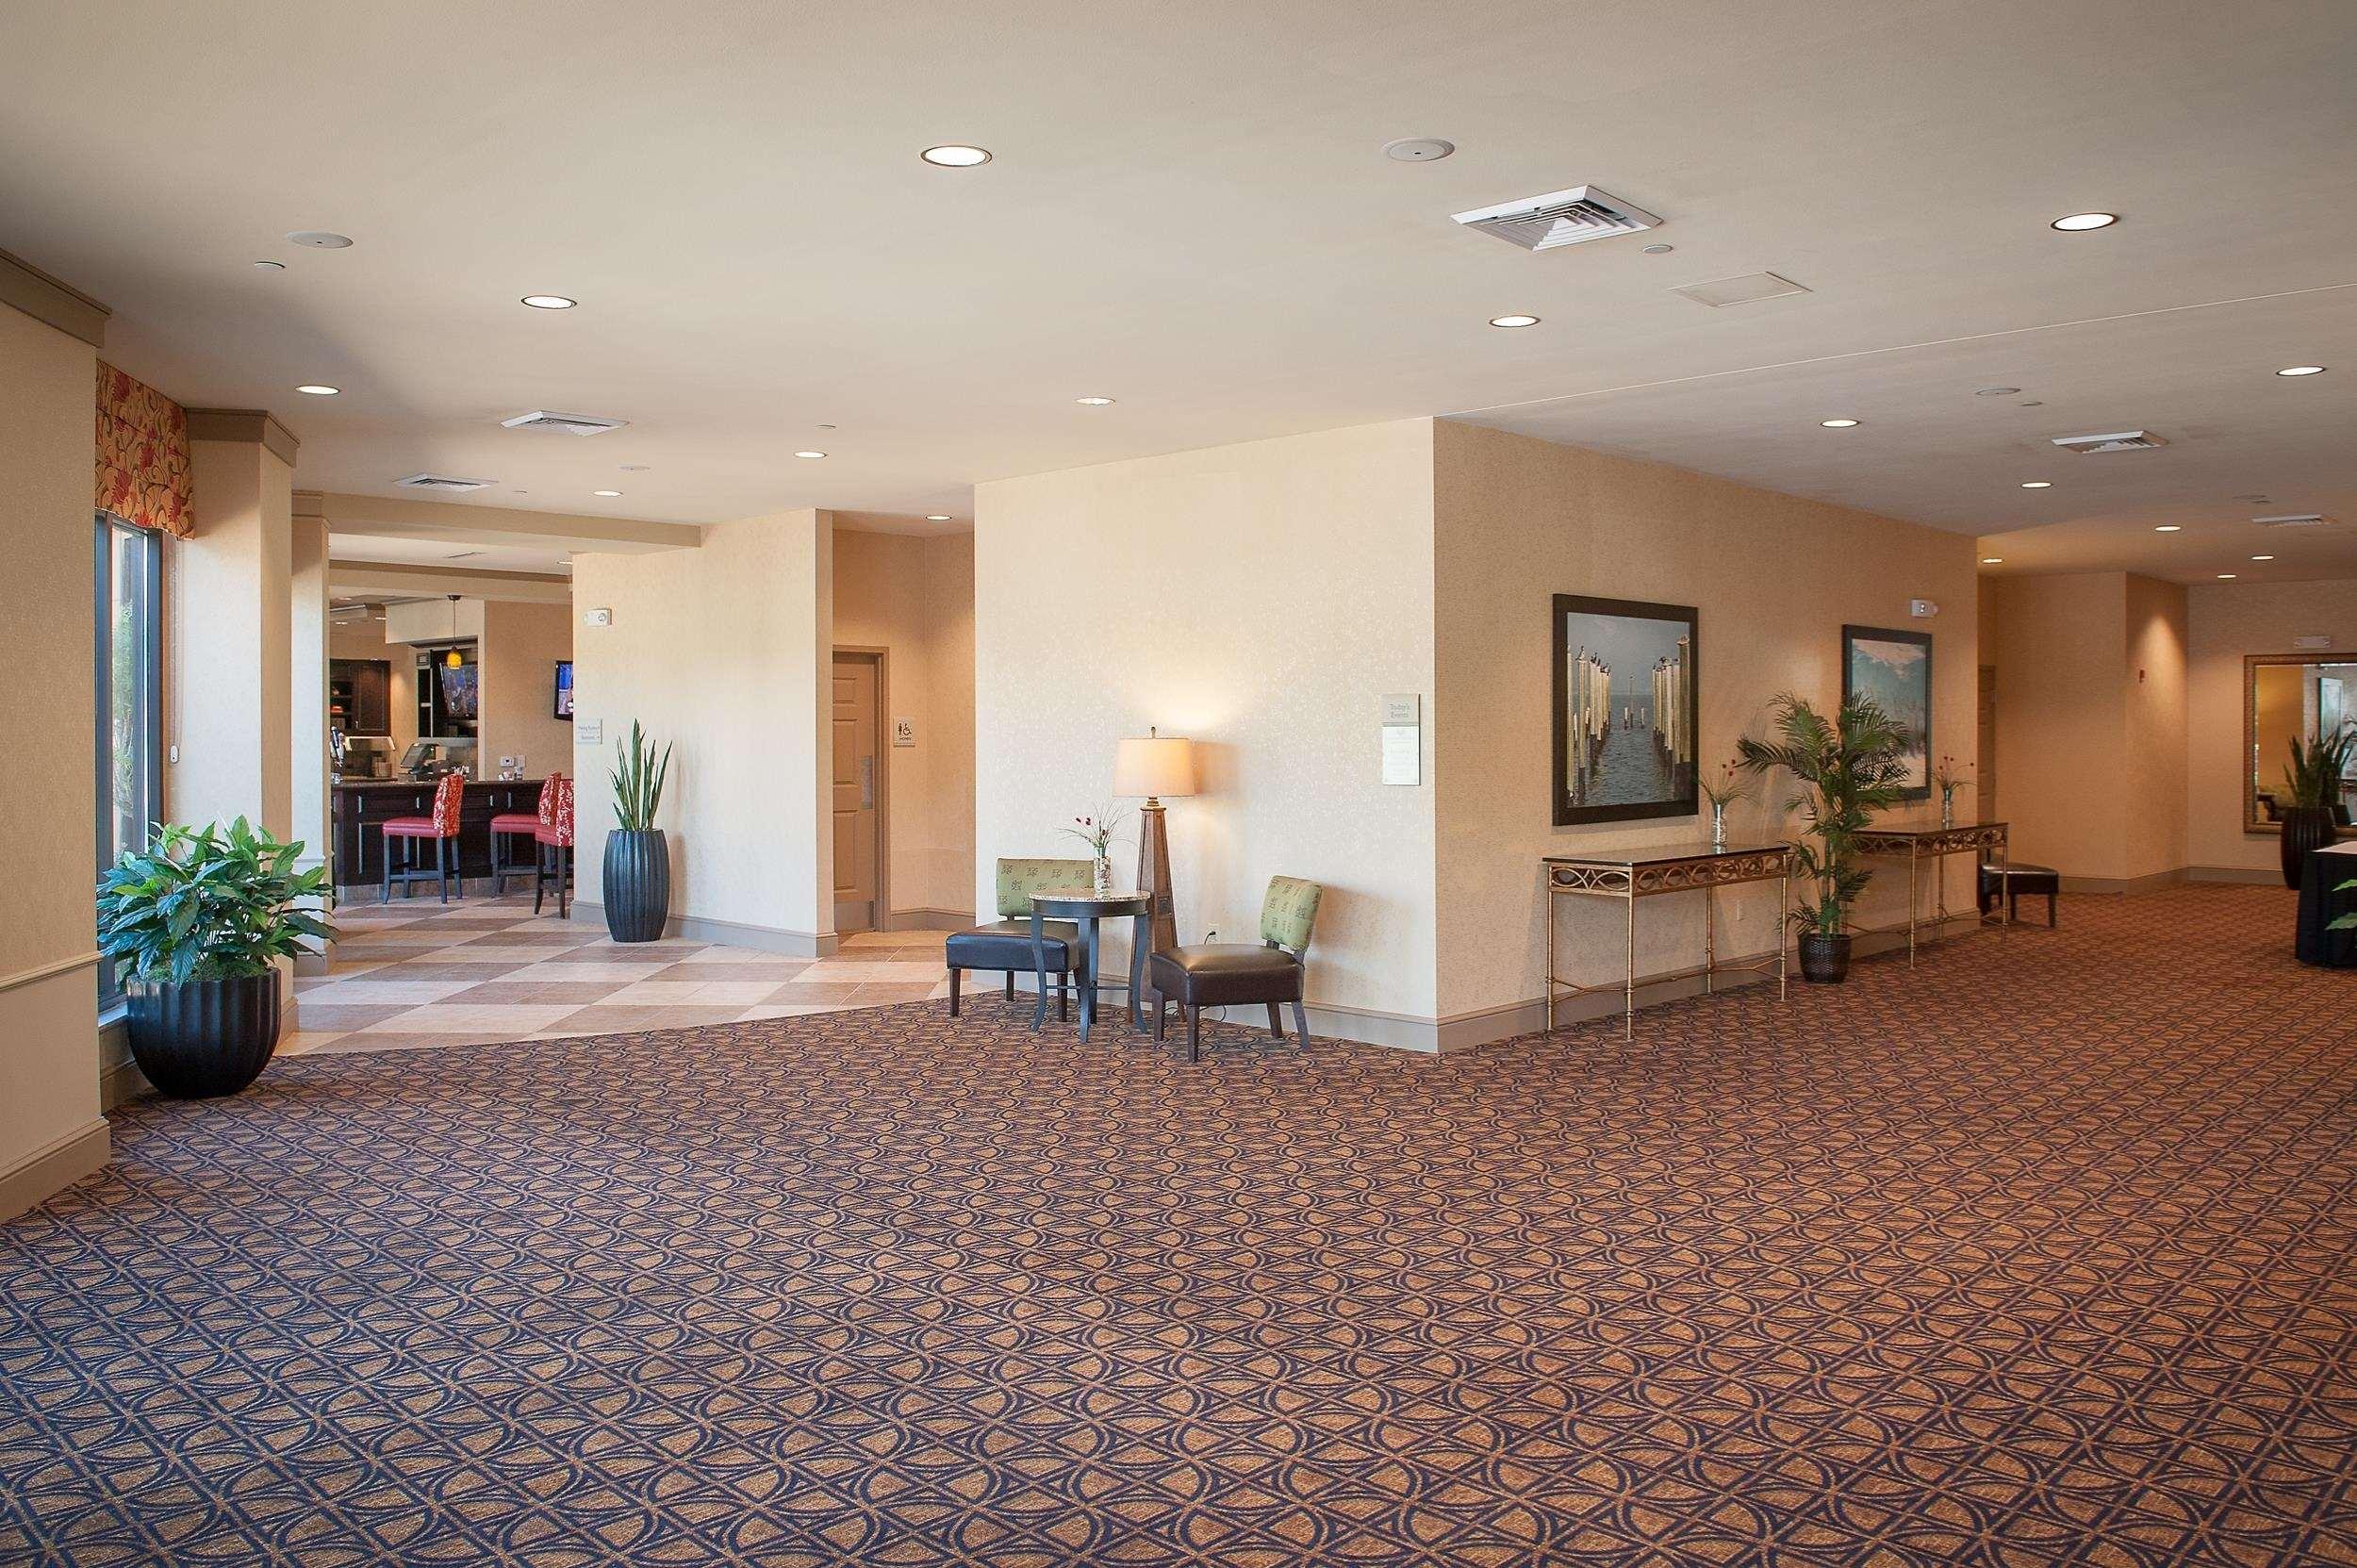 Hilton Garden Inn Pensacola Airport - Medical Center image 15